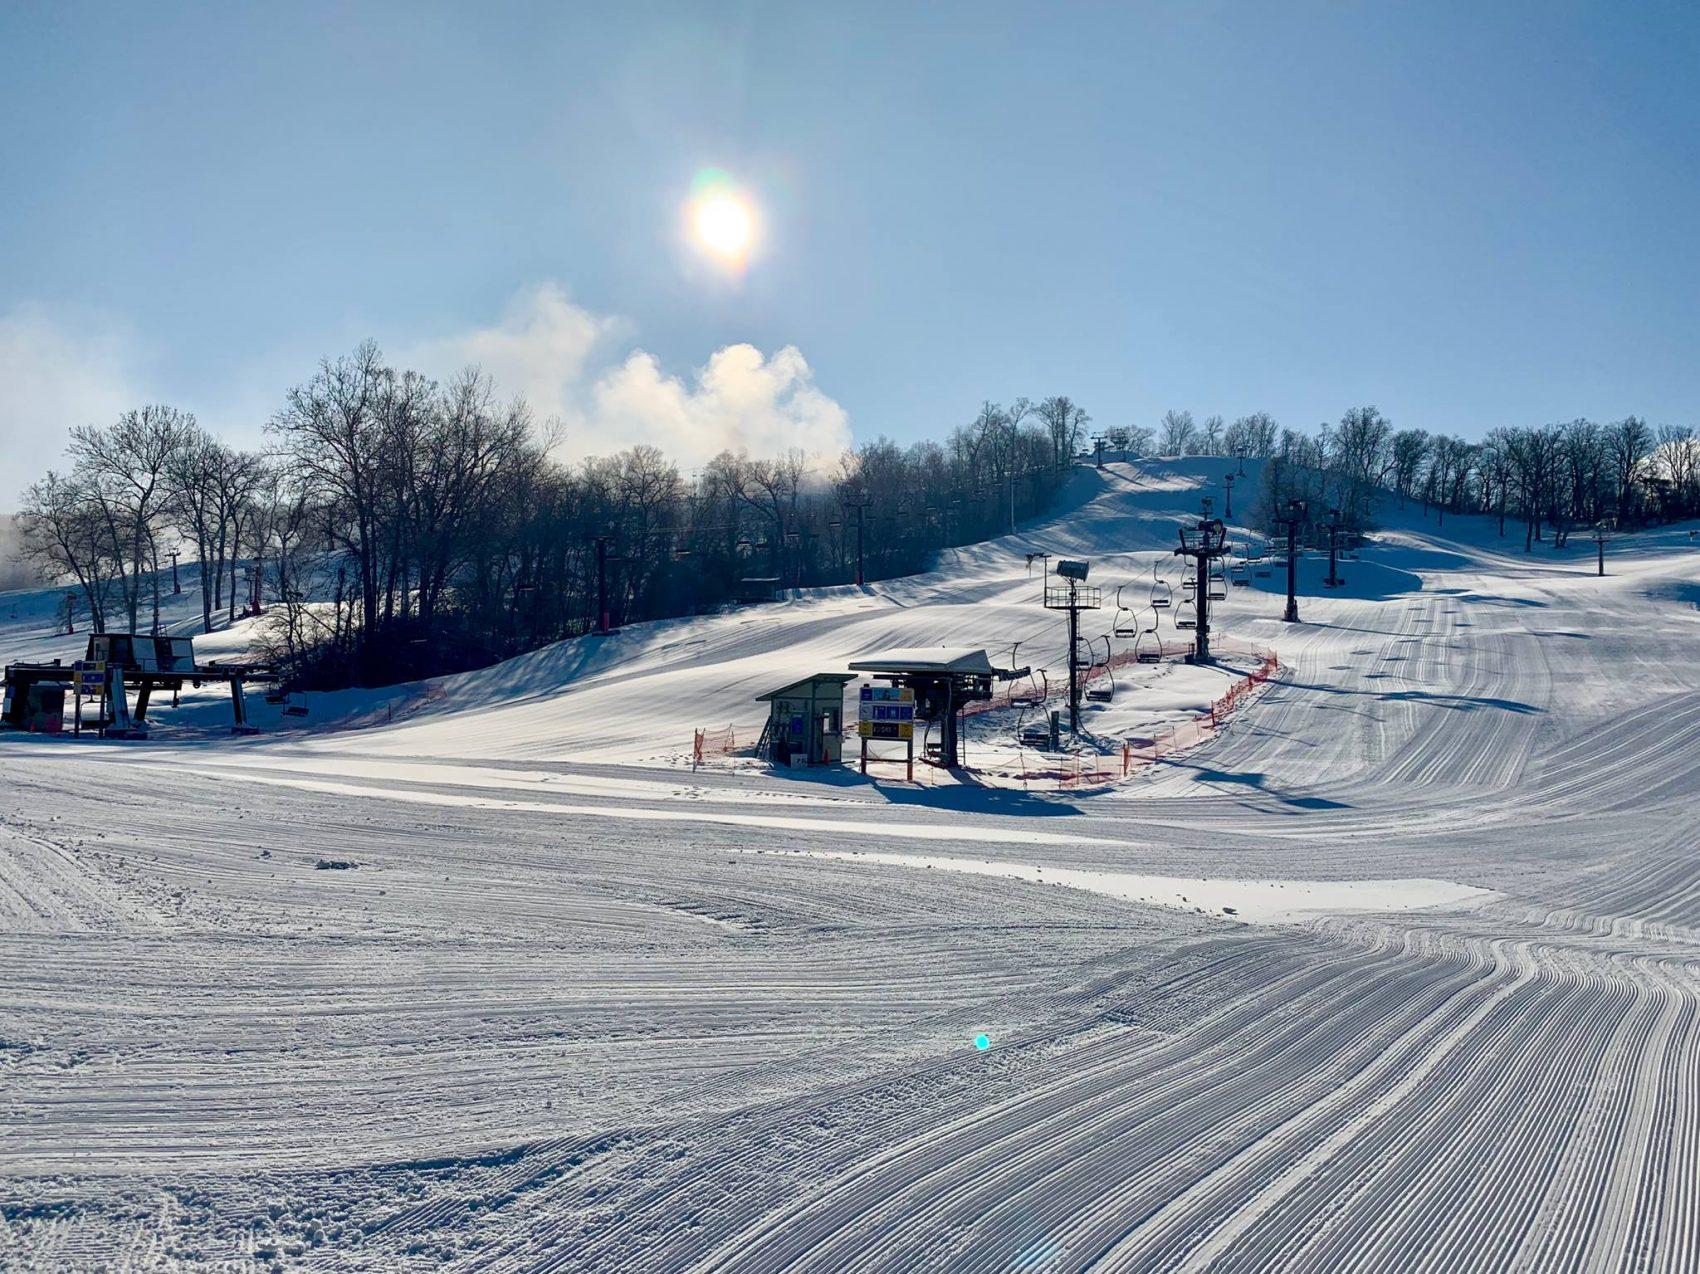 Midwest ski resort, snow creek, Missouri